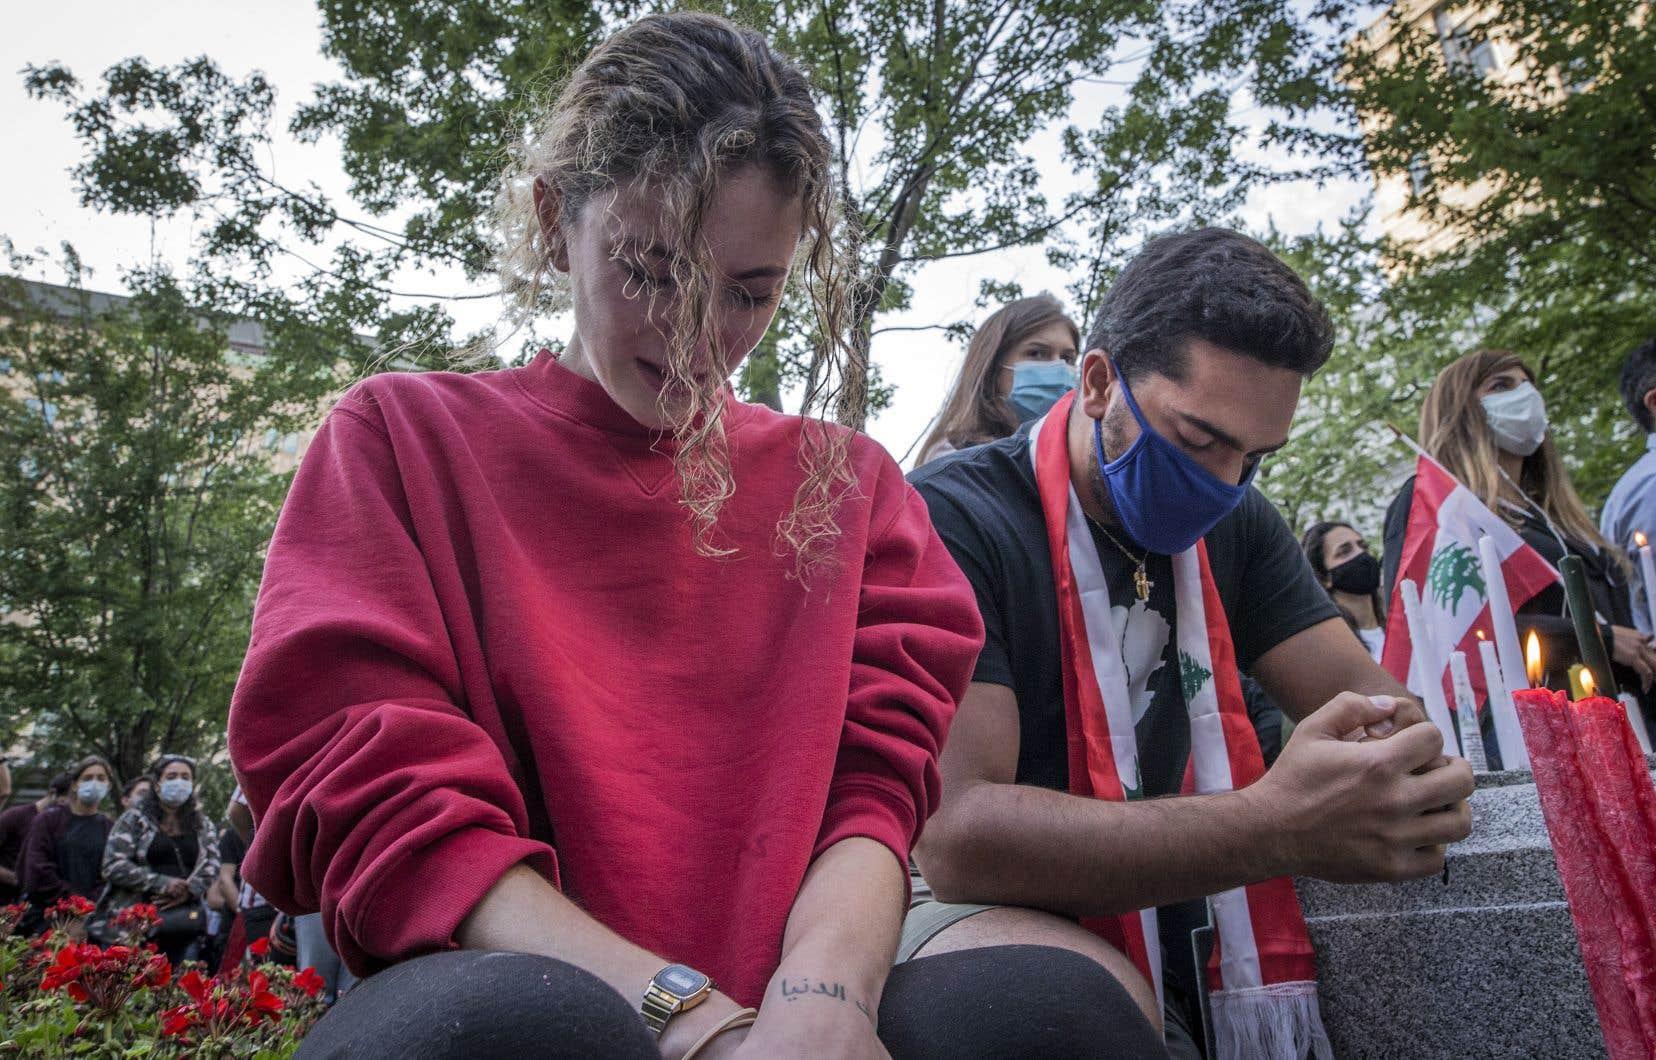 Mercredi soir, plus de 200 personnes se sont rassemblées au square Dorchester à Montréal pour tenir une veillée à la chandelle en hommage aux victimes des explosions de Beyrouth. Une autre vigile aura lieu jeudi  à 19h, au  consulat général du Liban.